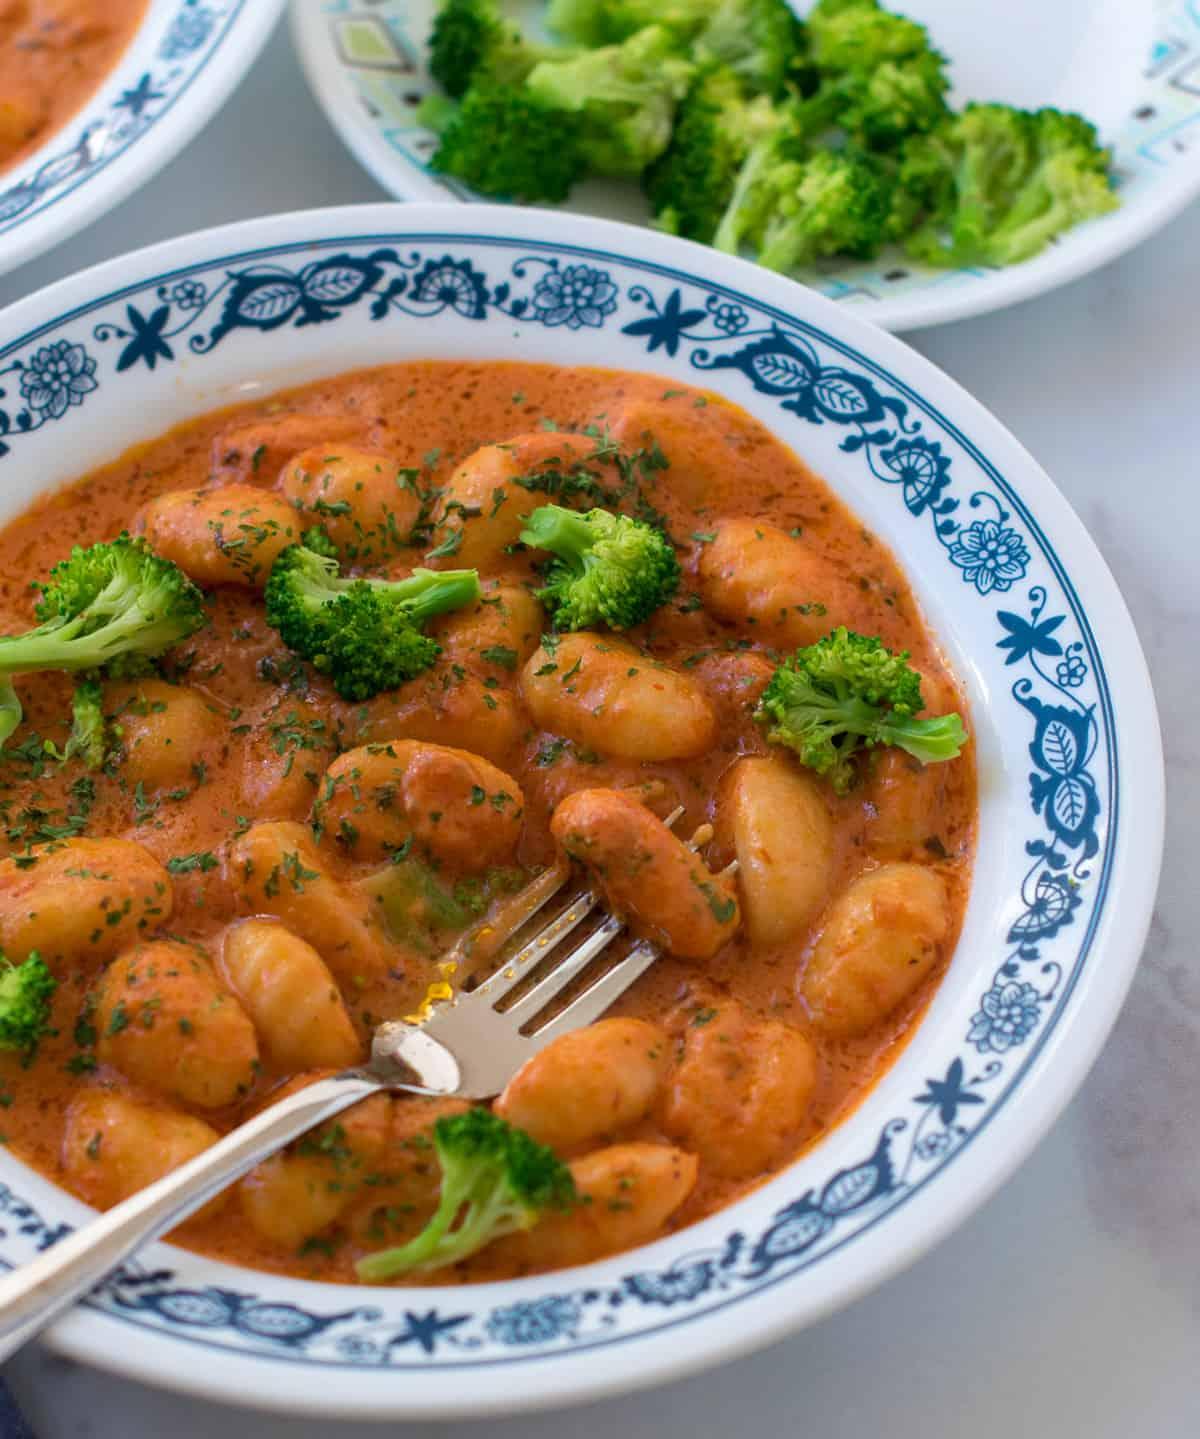 Delallo gnocchi tossed in creamy tomato sauce and broccoli